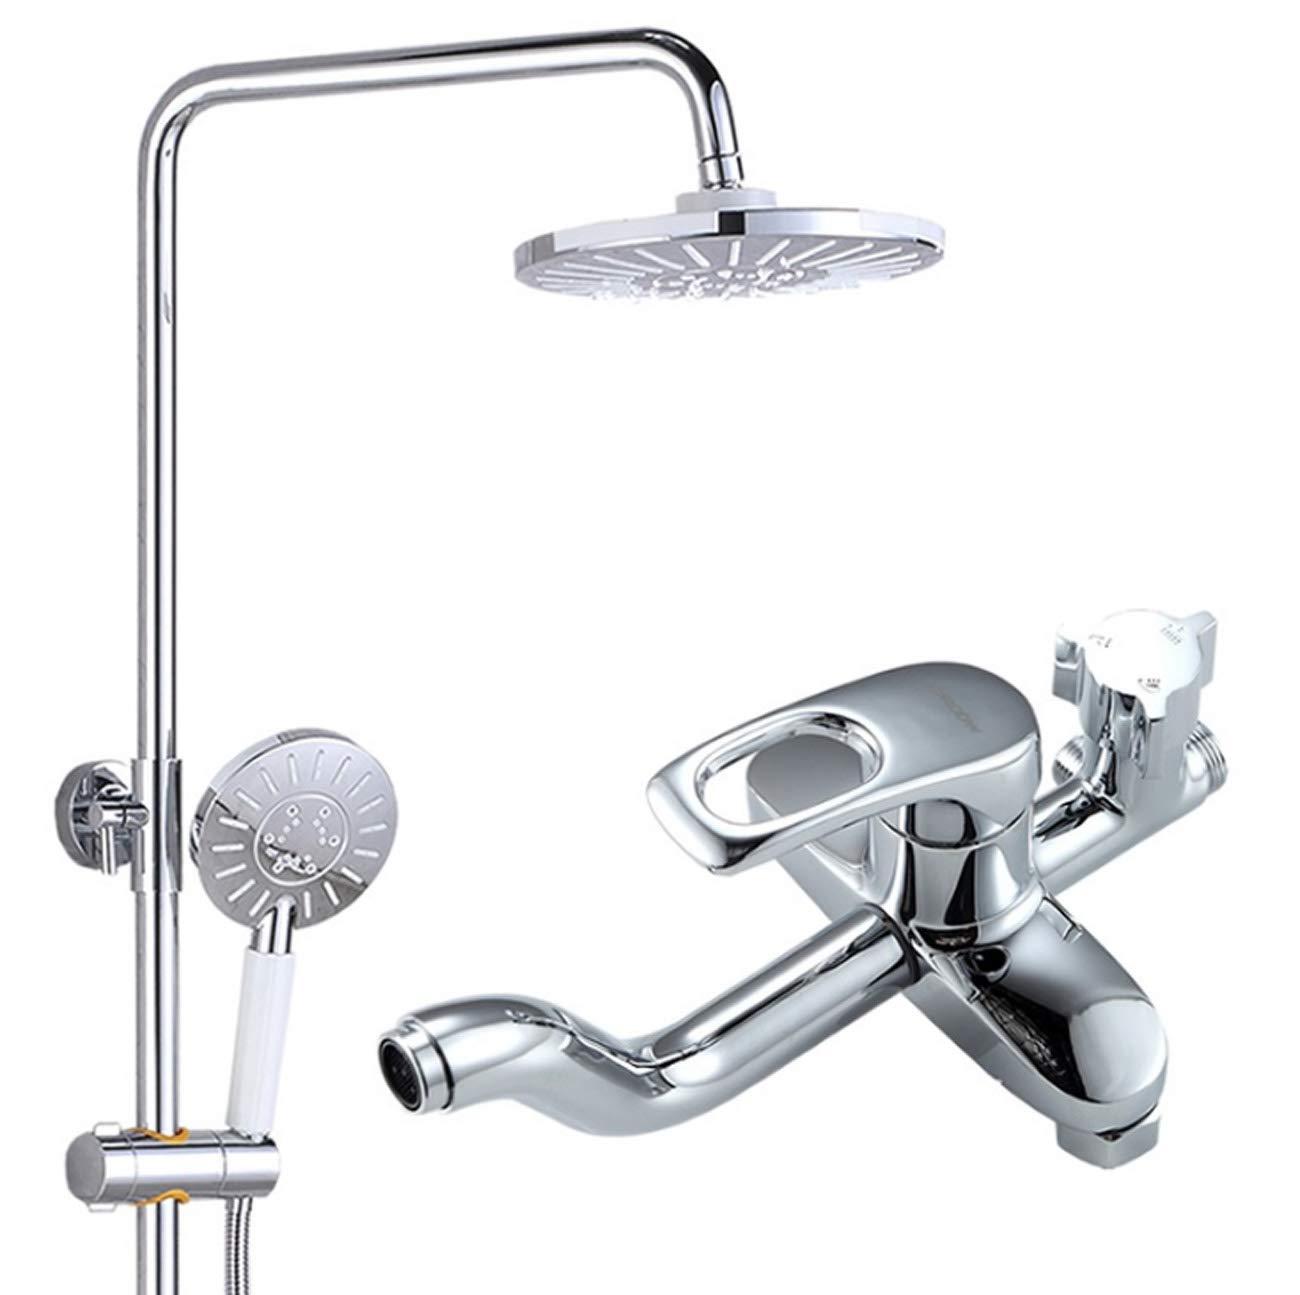 【感謝価格】 浴室のシャワーのミキサーは3モードの上のシャワーヘッド+ 3つの機能手持ち型のシャワー+ 360°の回転シャワーの蛇口が付いている浴室の壁に取り付けられたシャワーシステムで置きました B07MSGTXCM B07MSGTXCM, キソサキチョウ:0bd0b24d --- arianechie.dominiotemporario.com